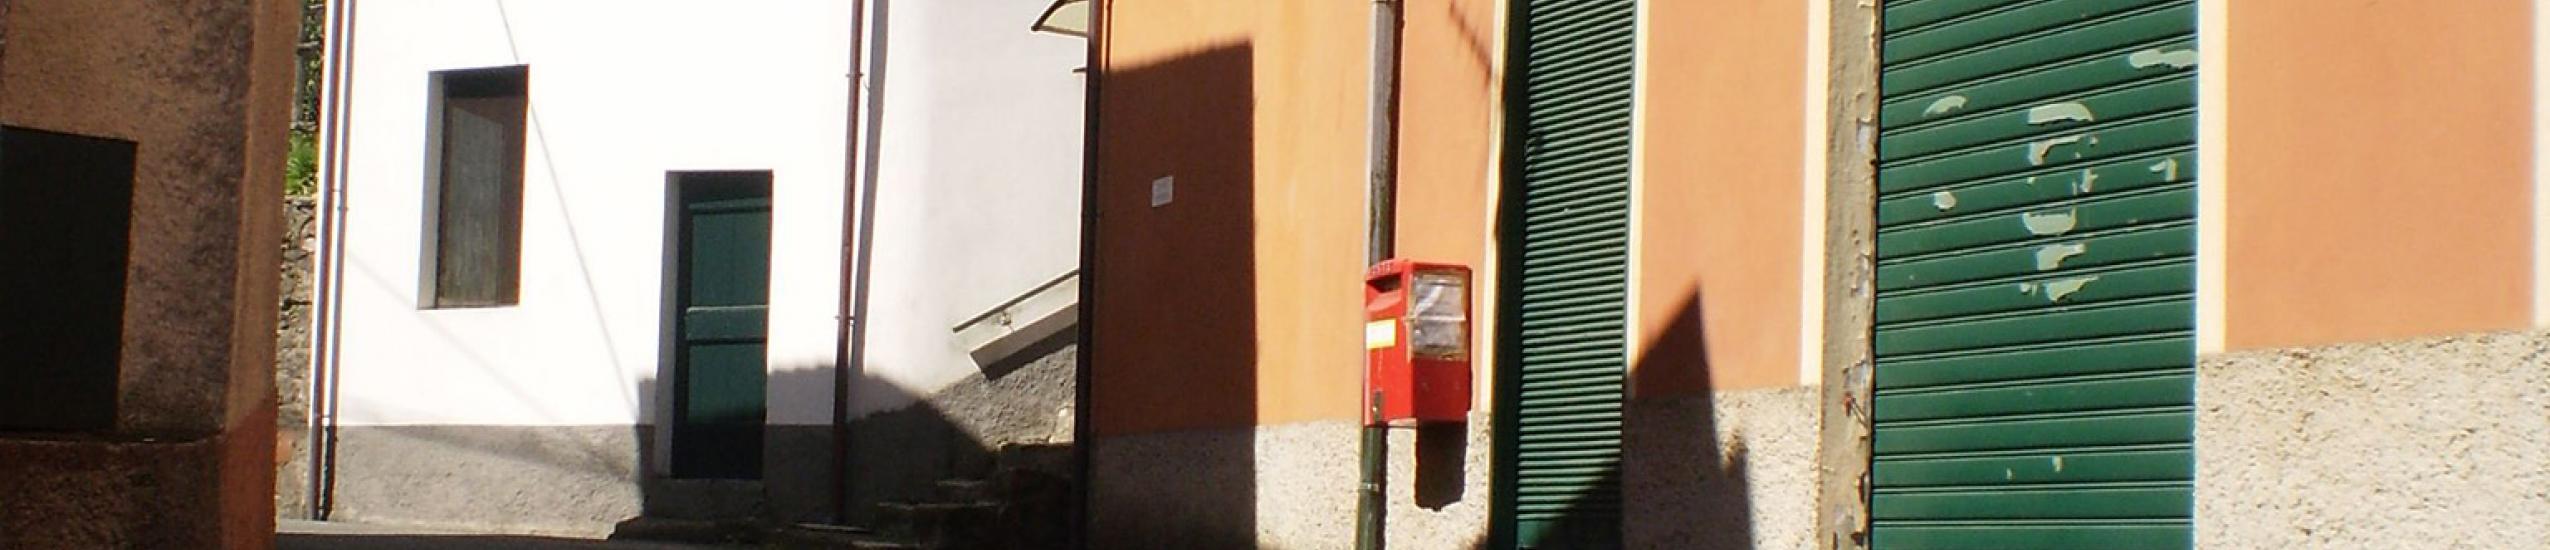 Accesso Ufficio Postale